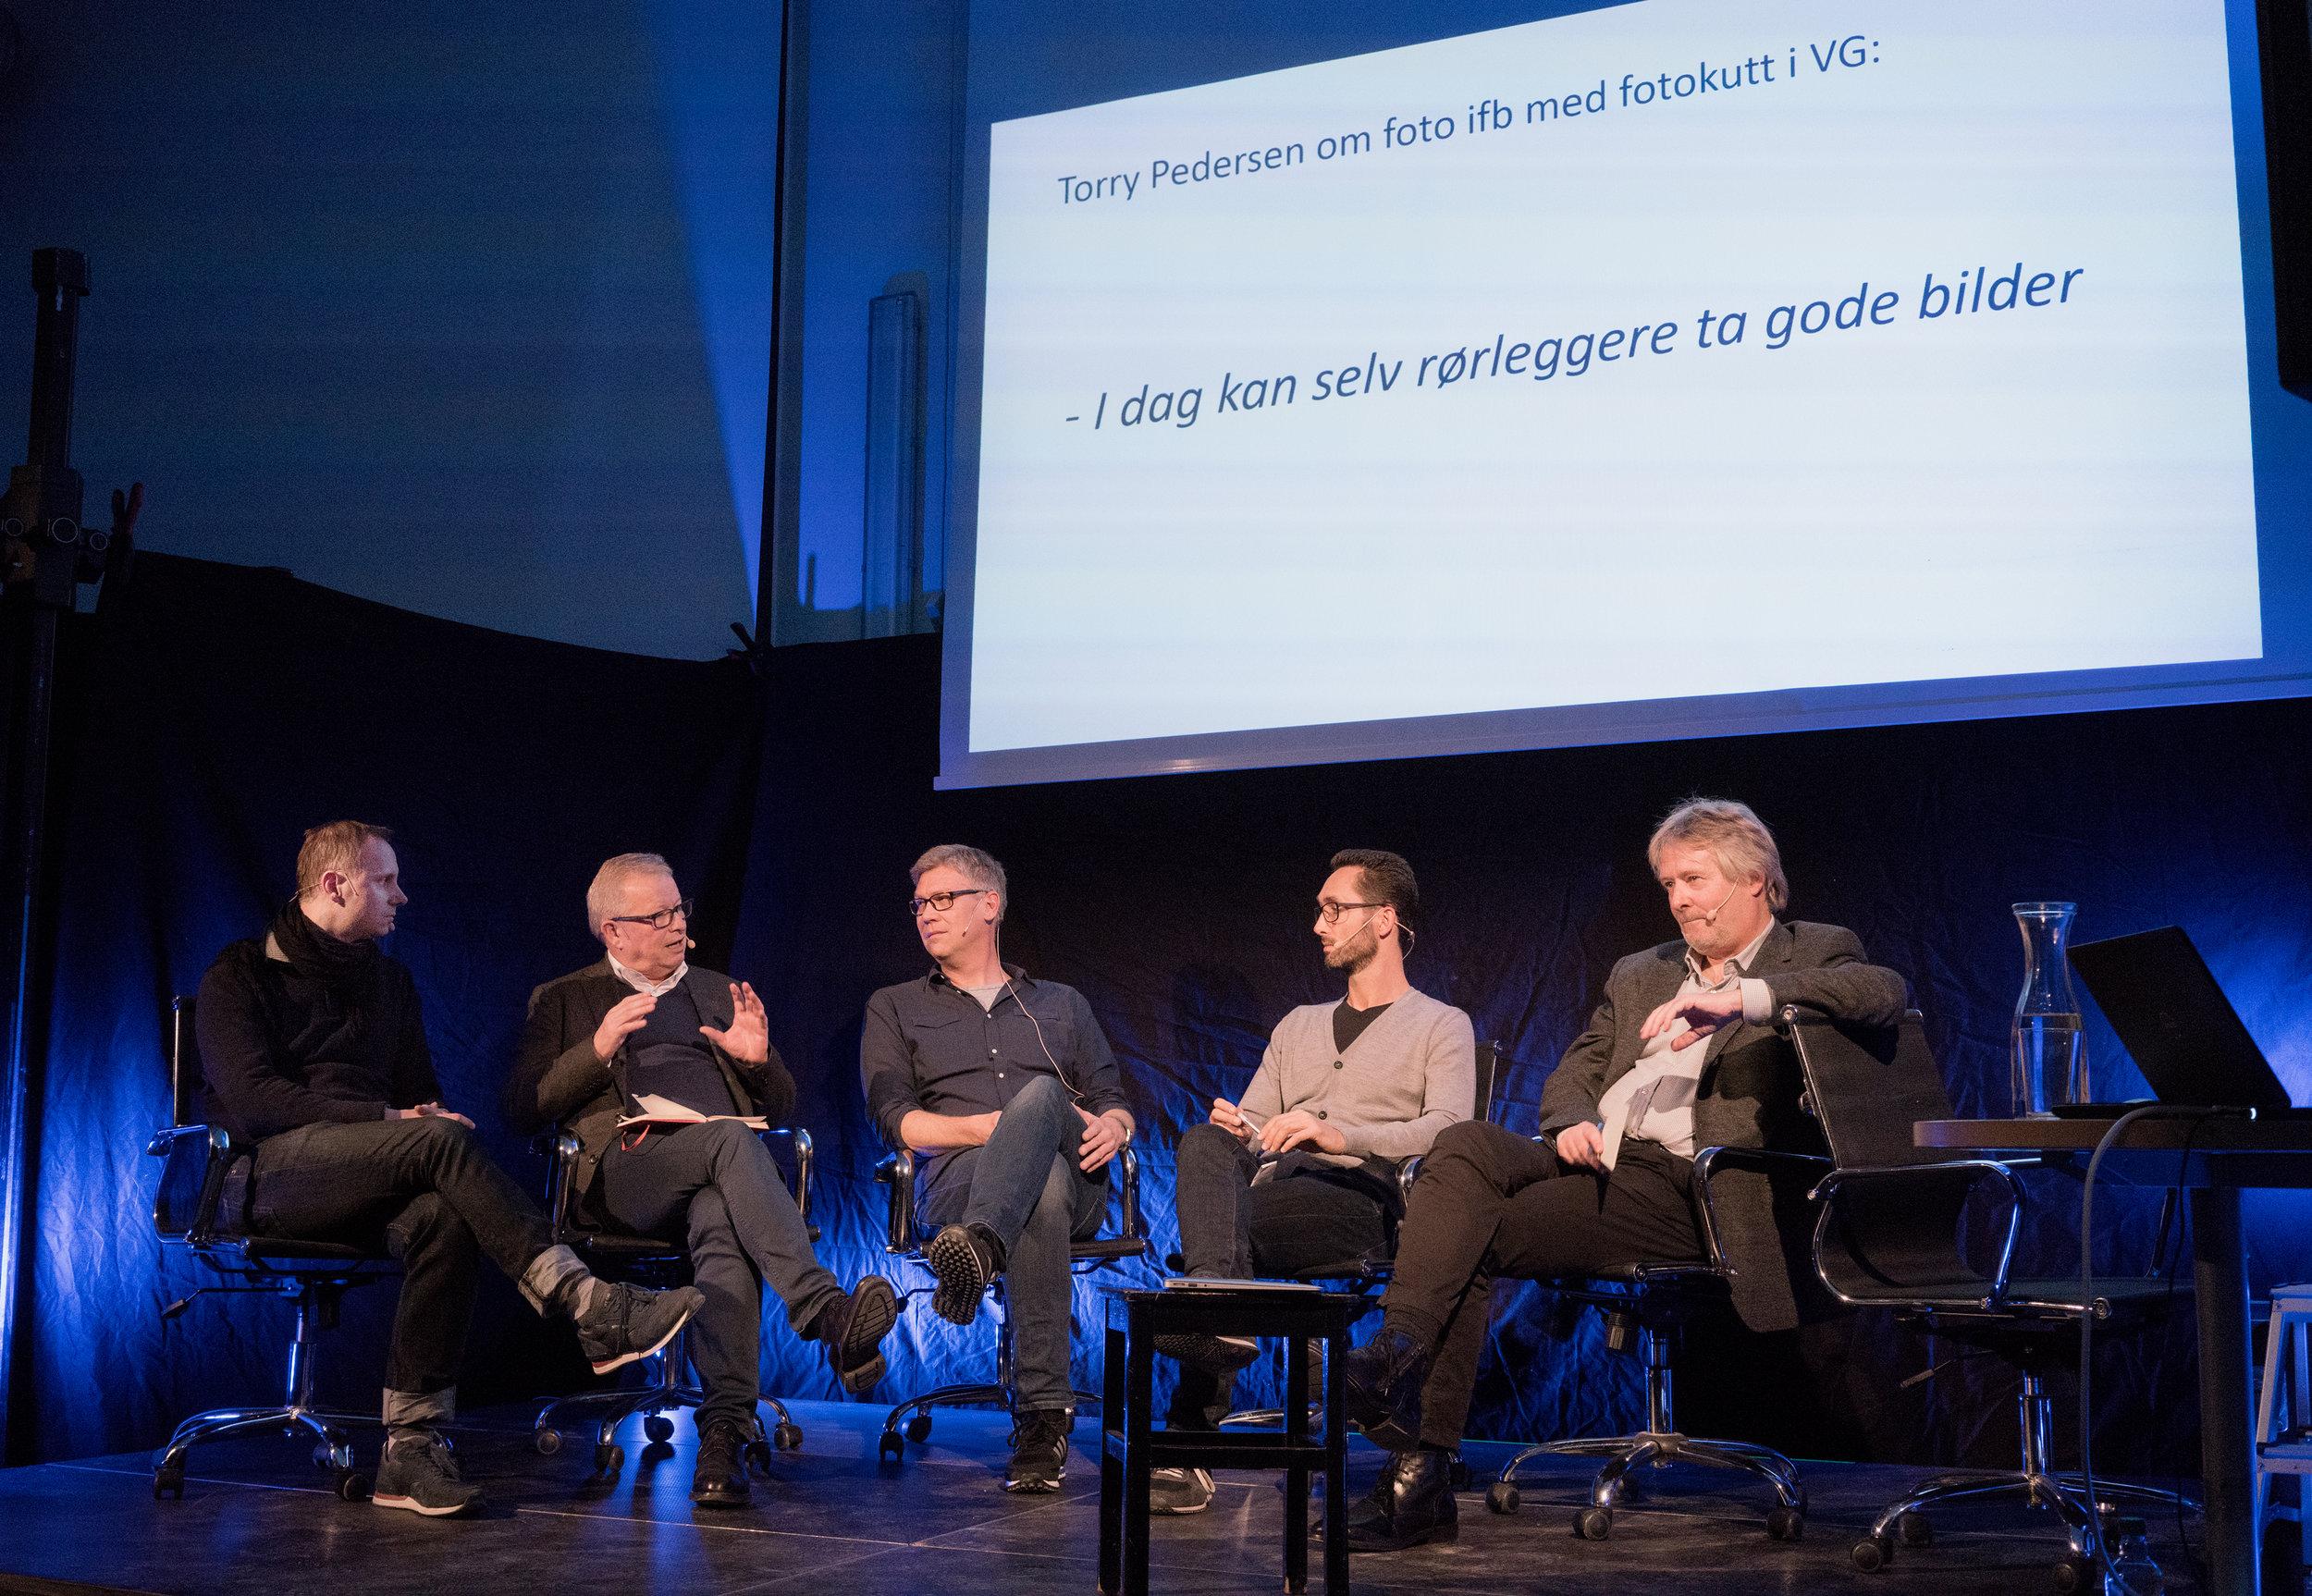 f.v: Kim Nygård, Bernt Olufsen, Jon Petter Evensen, Thomas Borberg, Torry Pedersen